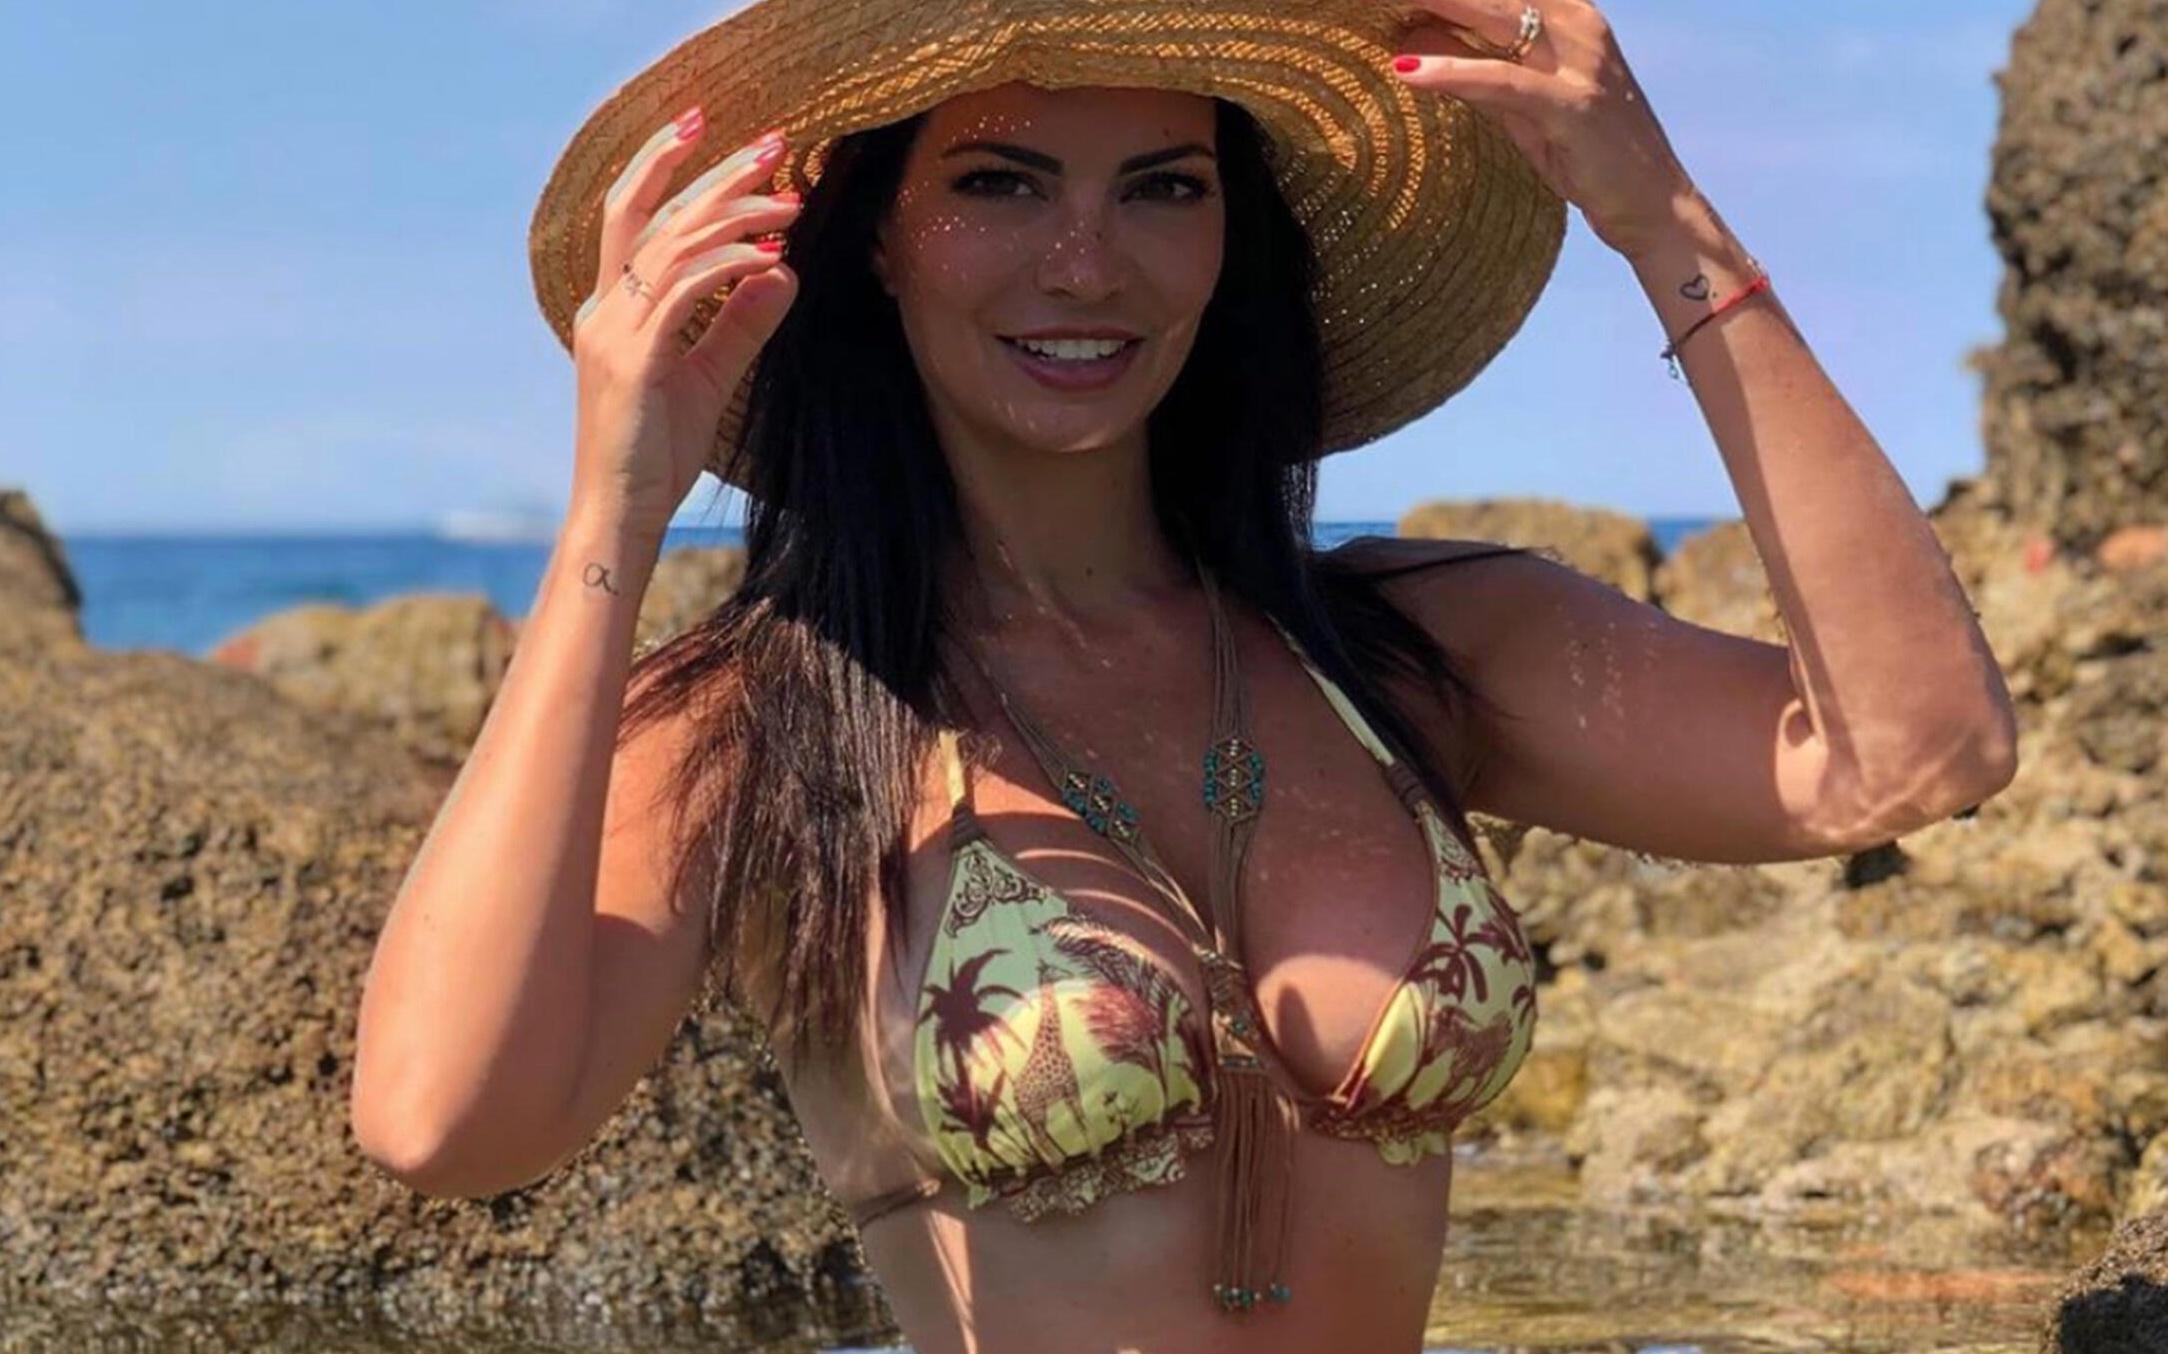 Laura Torrisi fa strike |  non vestita così è il minimo  Curve tutte fuori |  ha vinto